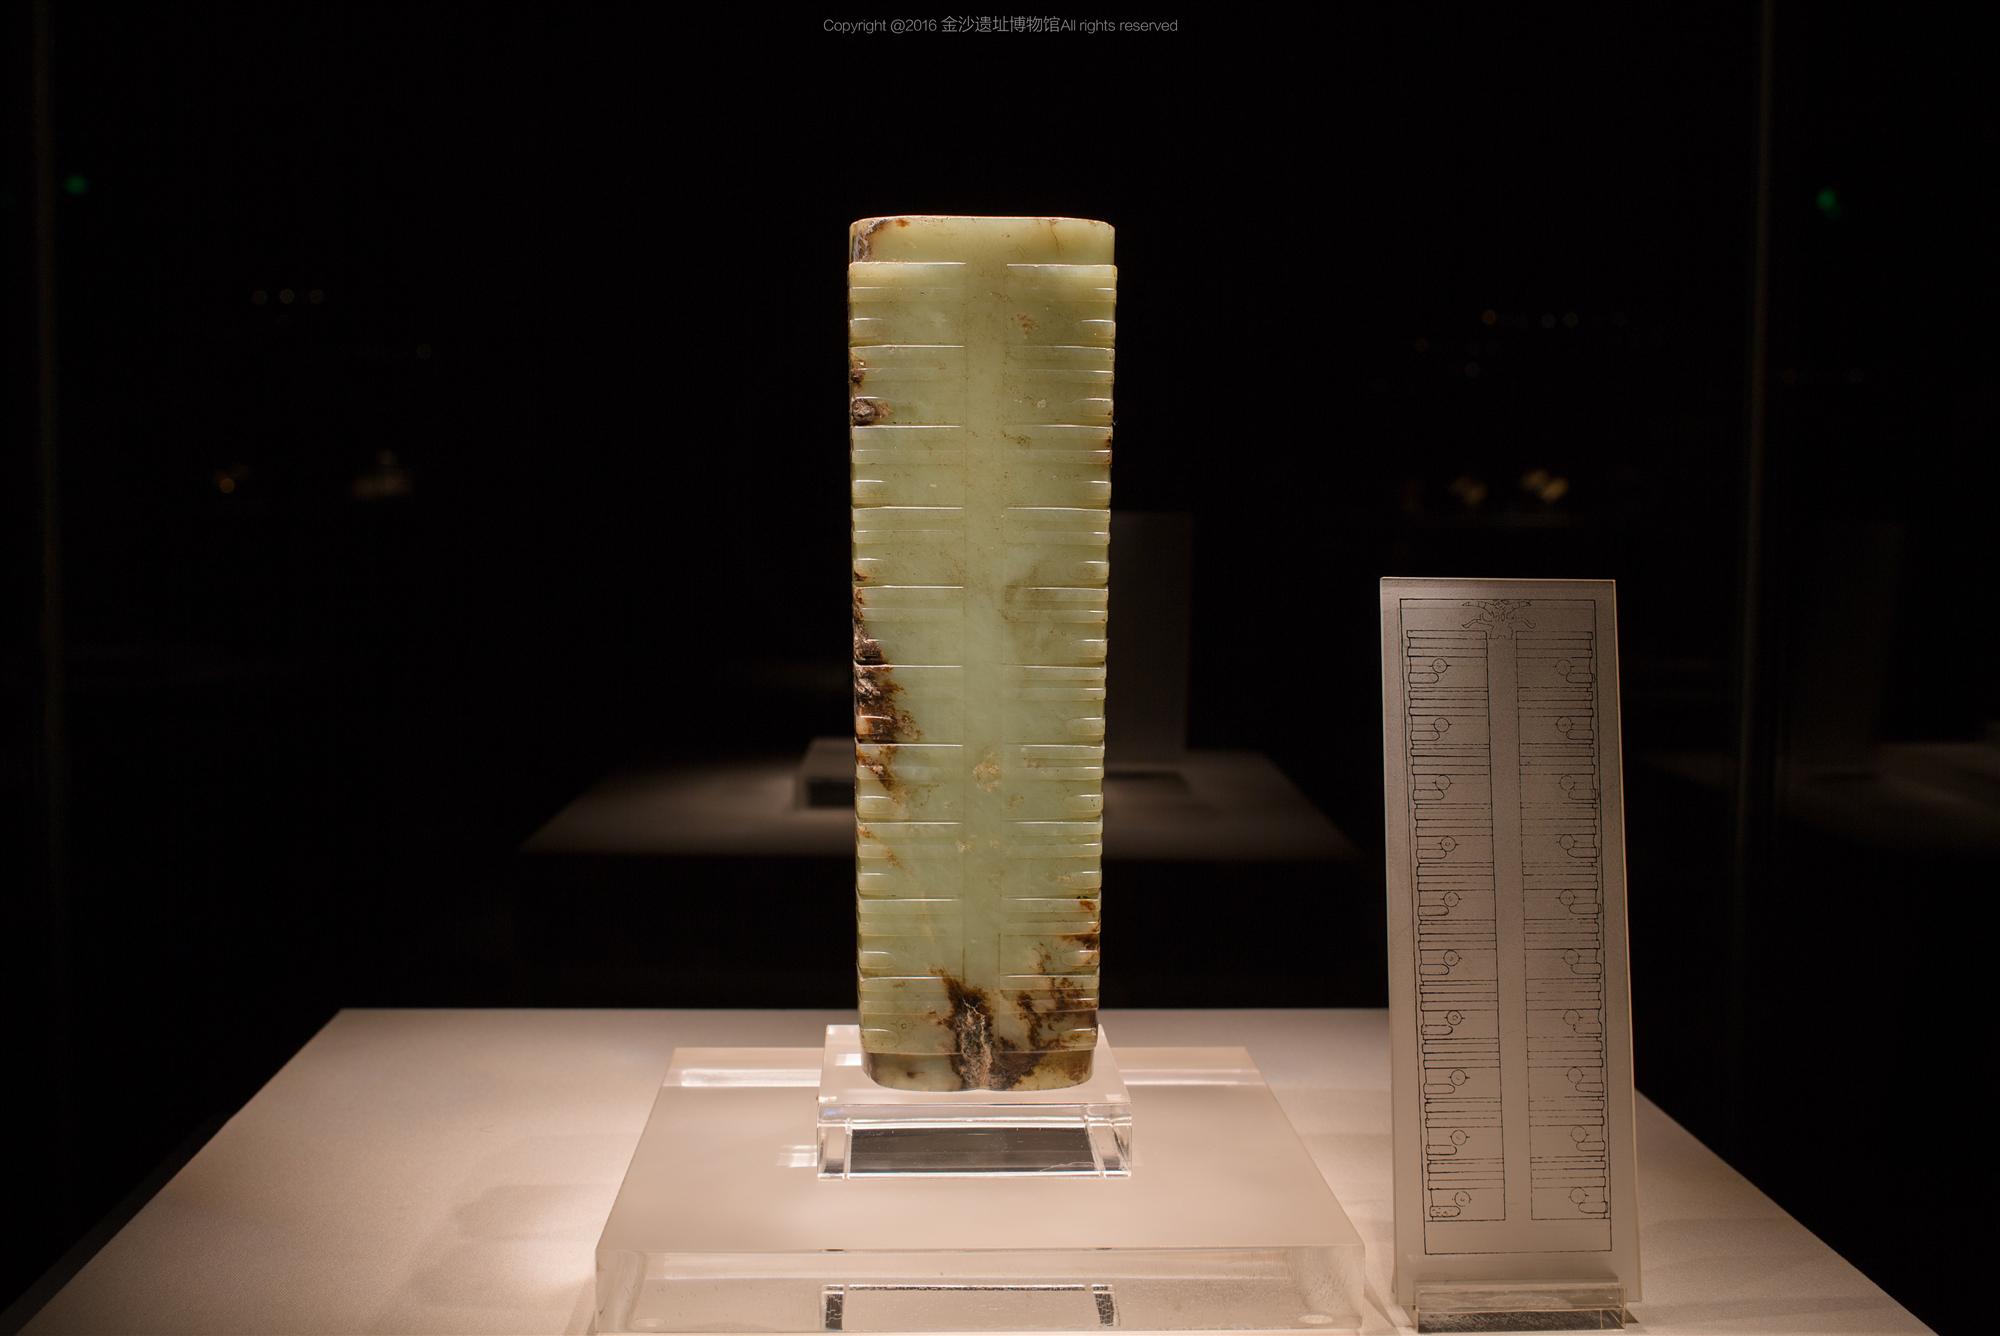 世界遺産の良渚遺跡から金沙遺跡への「贈り物」